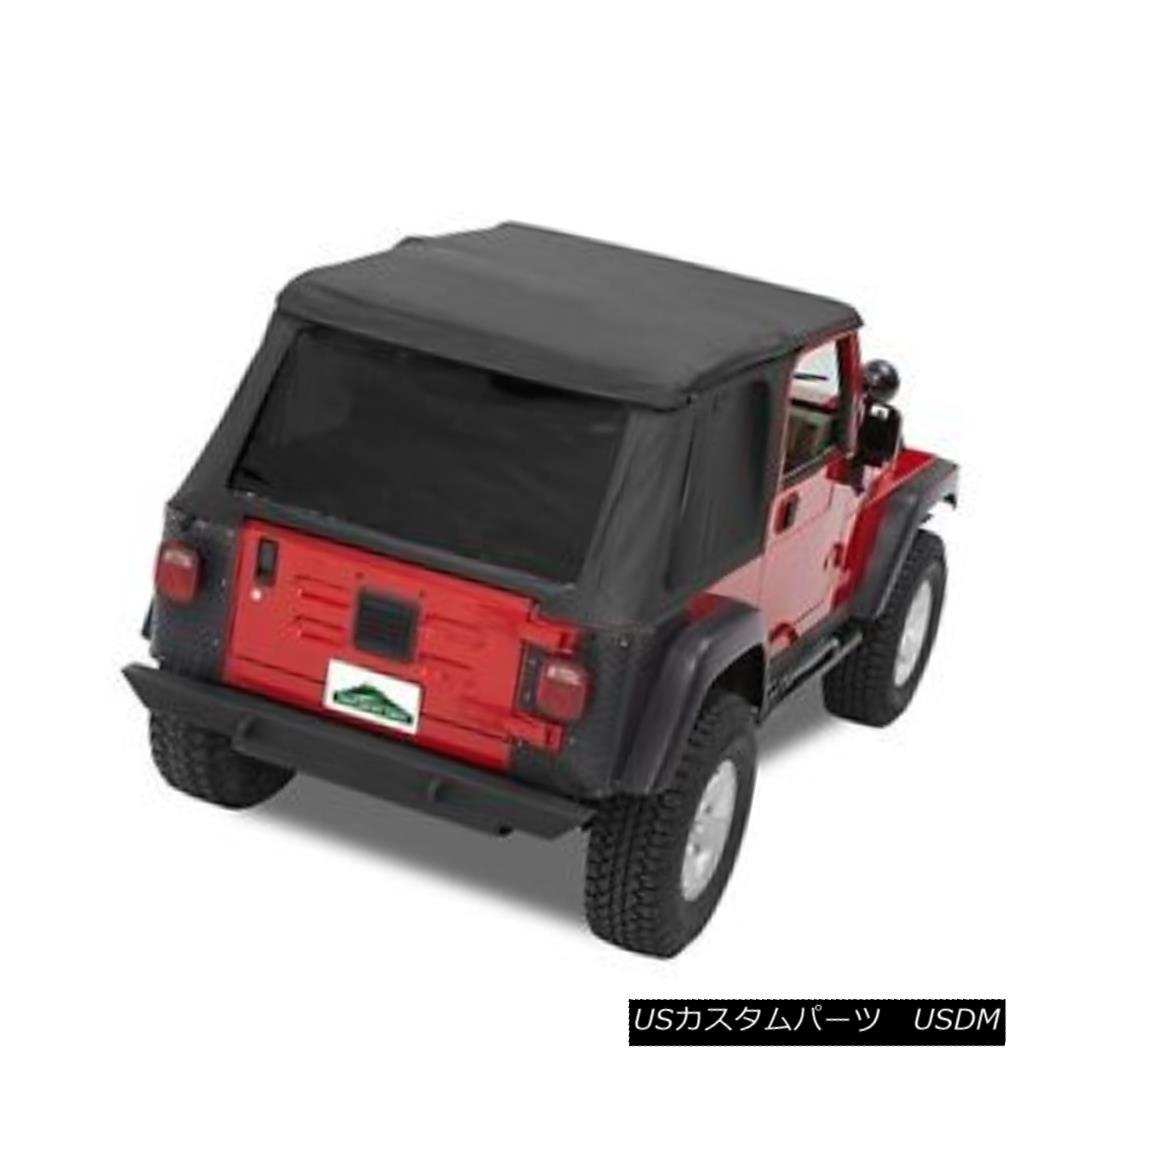 幌・ソフトトップ Pavement Ends Sprint Top Tinted Windows 97-06 Jeep Wrangler TJ Black Diamond 舗装終わりスプリントトップ色づけされたWindows 97-06ジープラングラーTJブラックダイヤモンド